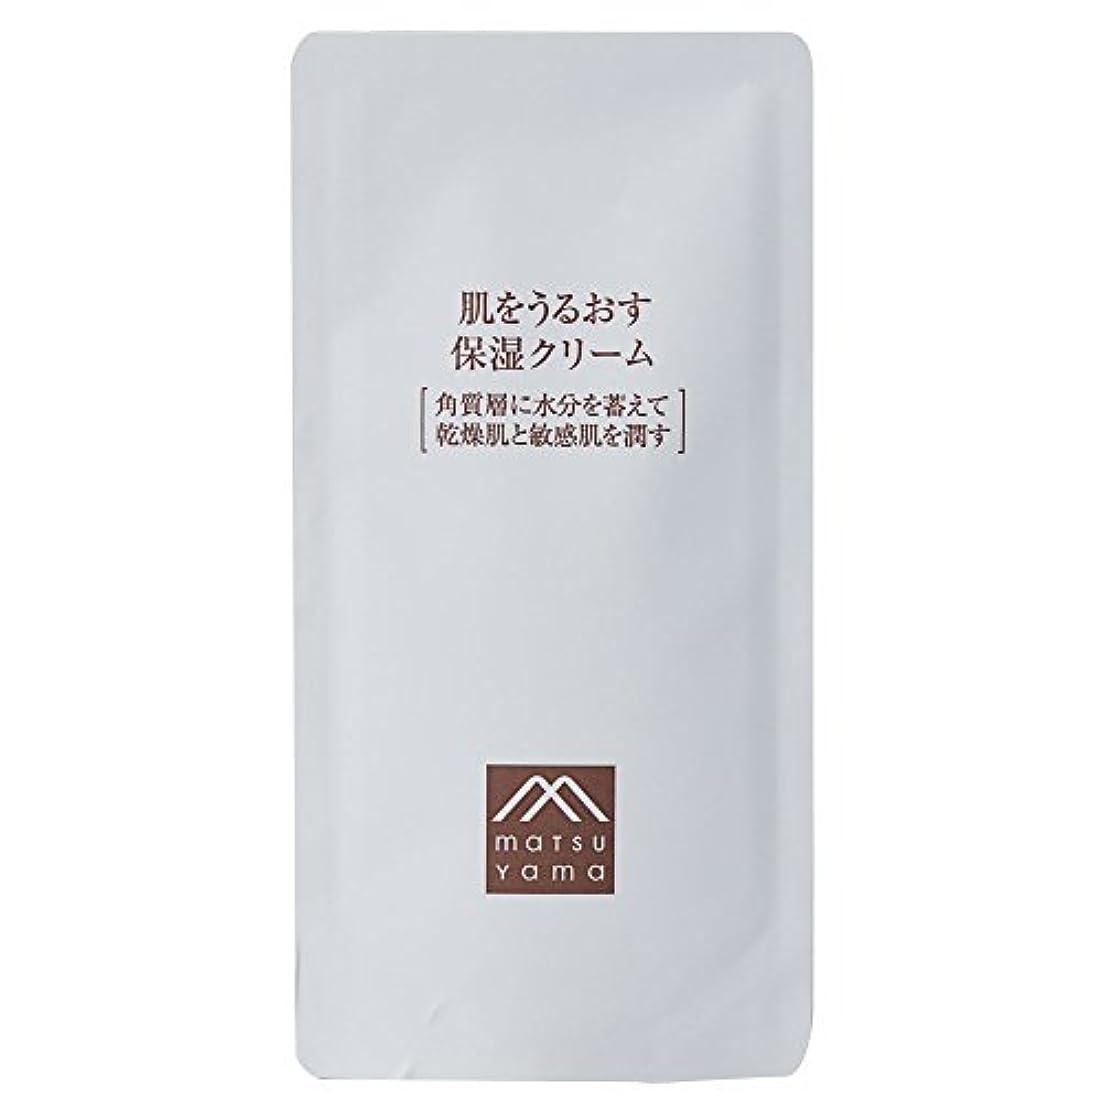 キャンドルホット基本的な肌をうるおす保湿クリーム 詰替用(クリーム) 濃厚クリーム [乾燥肌 敏感肌]